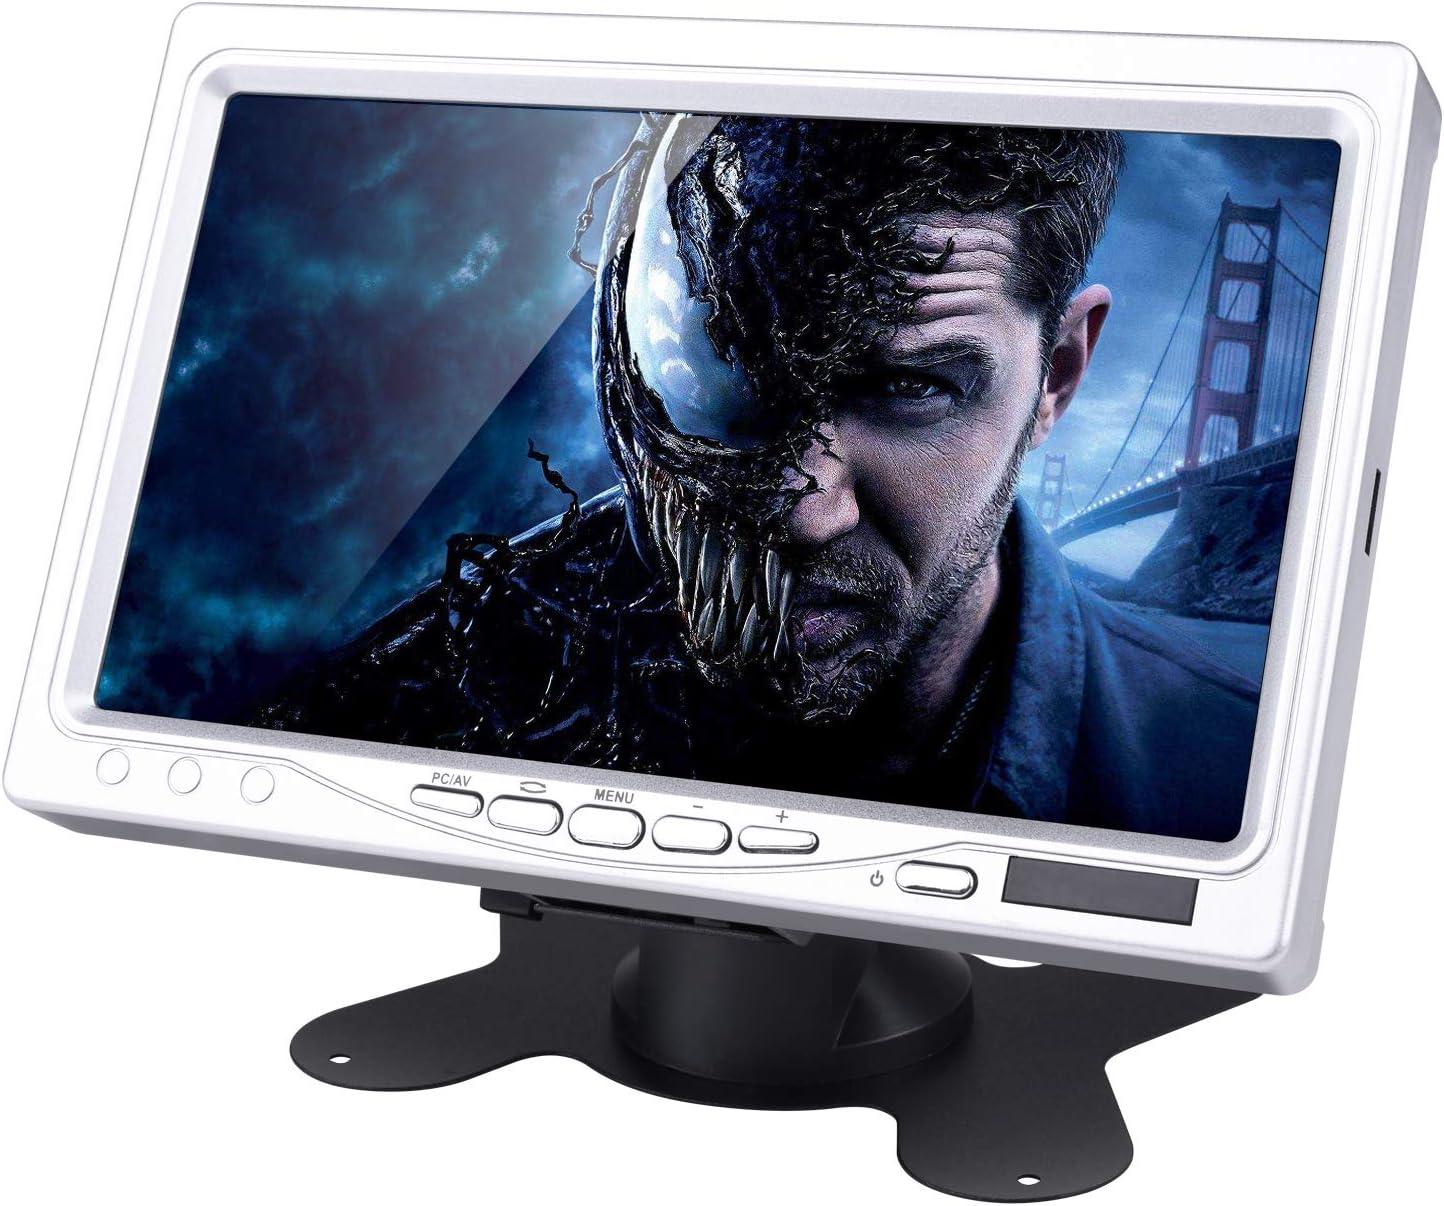 STARTO 7 Inch LCD Screen Monitor Hdmi Pantalla TFT Pantalla de Computadora 1024x600 para PC Portátil Raspberry Pi 3 2B B RPi 1 B + A + con Entrada HDMI/VGA/AV DVD VCR